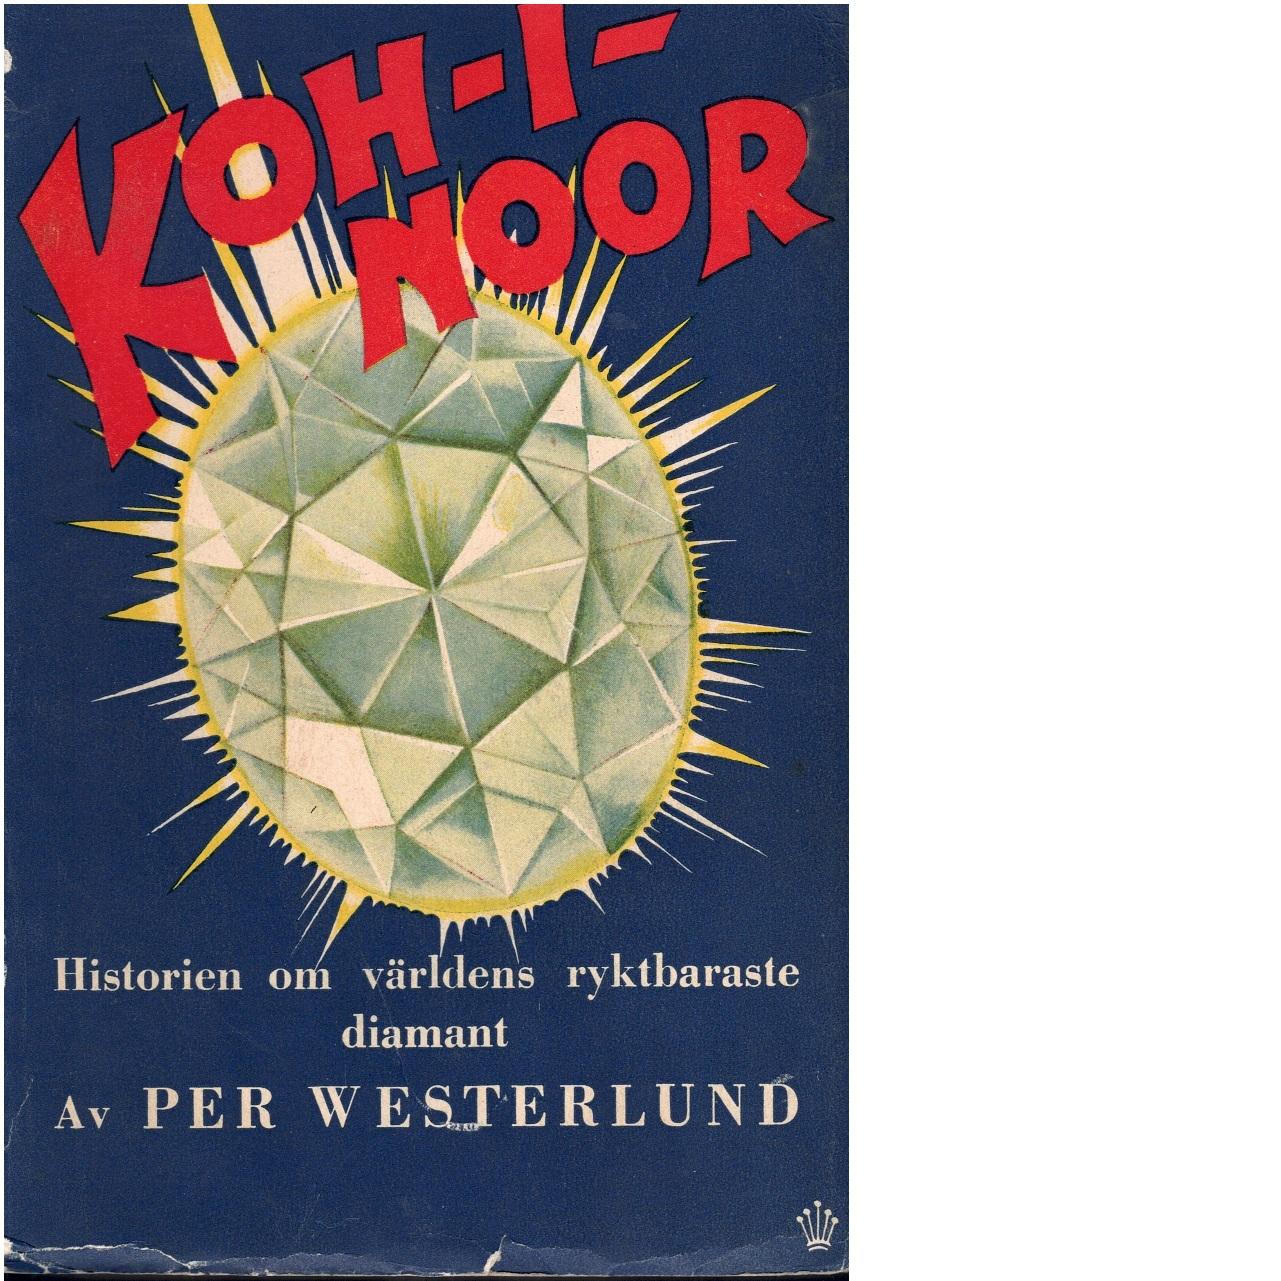 Koh-i-Noor : historien om världens ryktbaraste diamant - Westerlund, Per